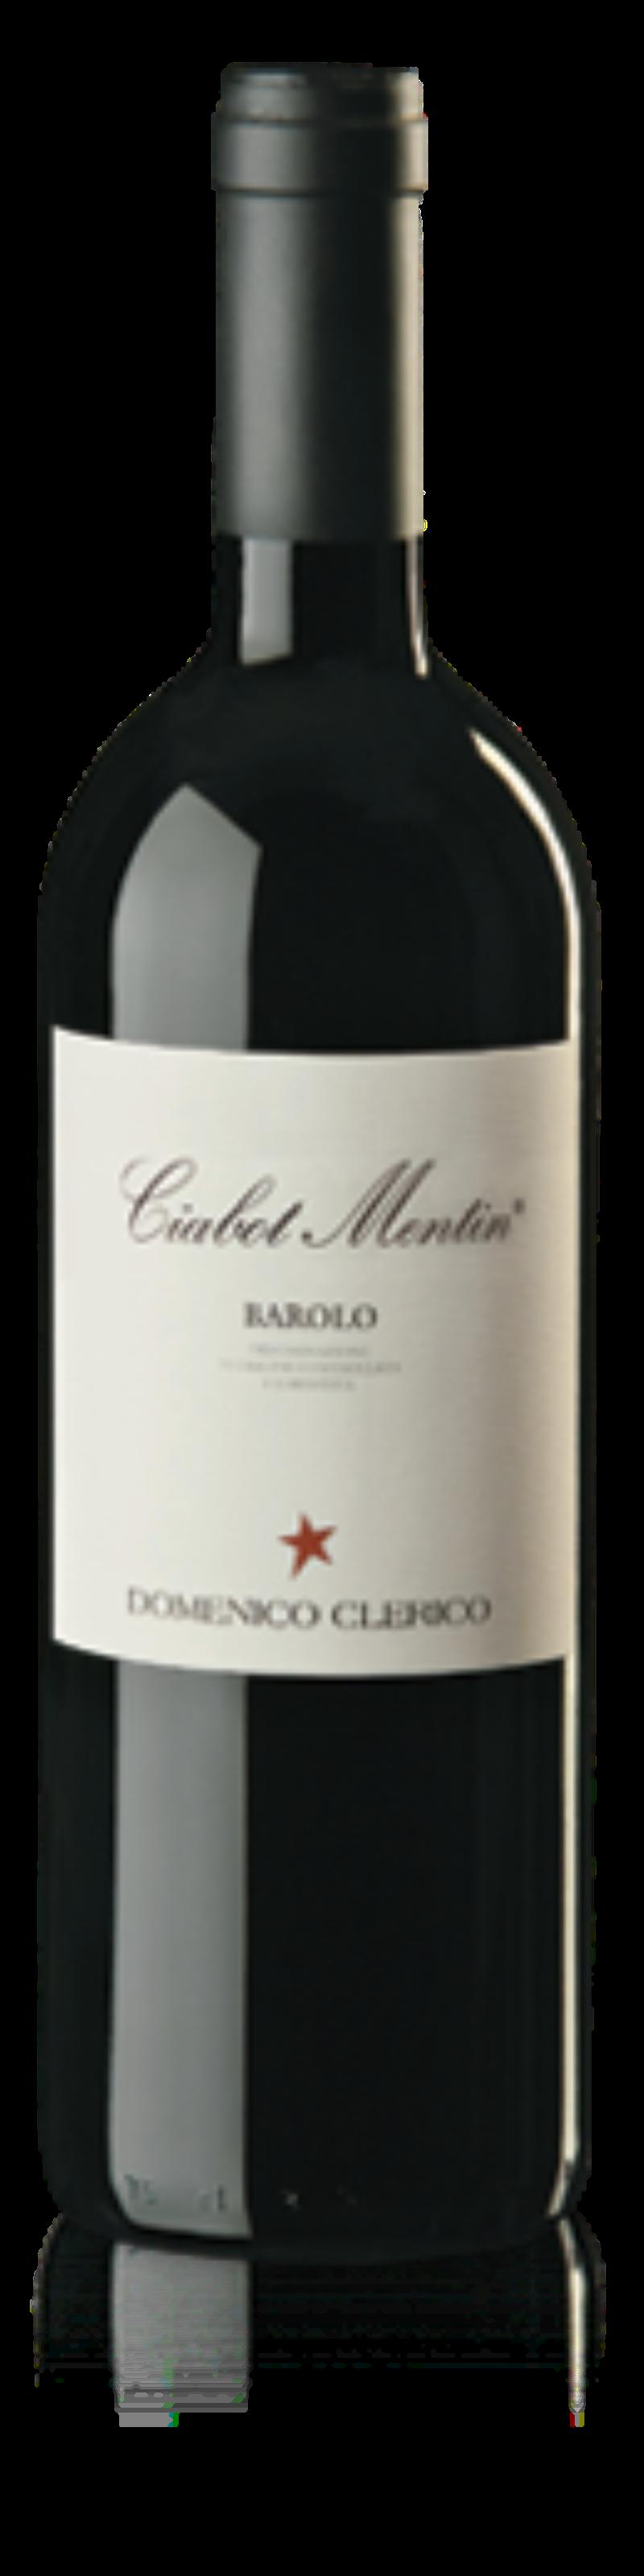 BAROLO-CIABOT-MENTIN--CLERICO-2007-